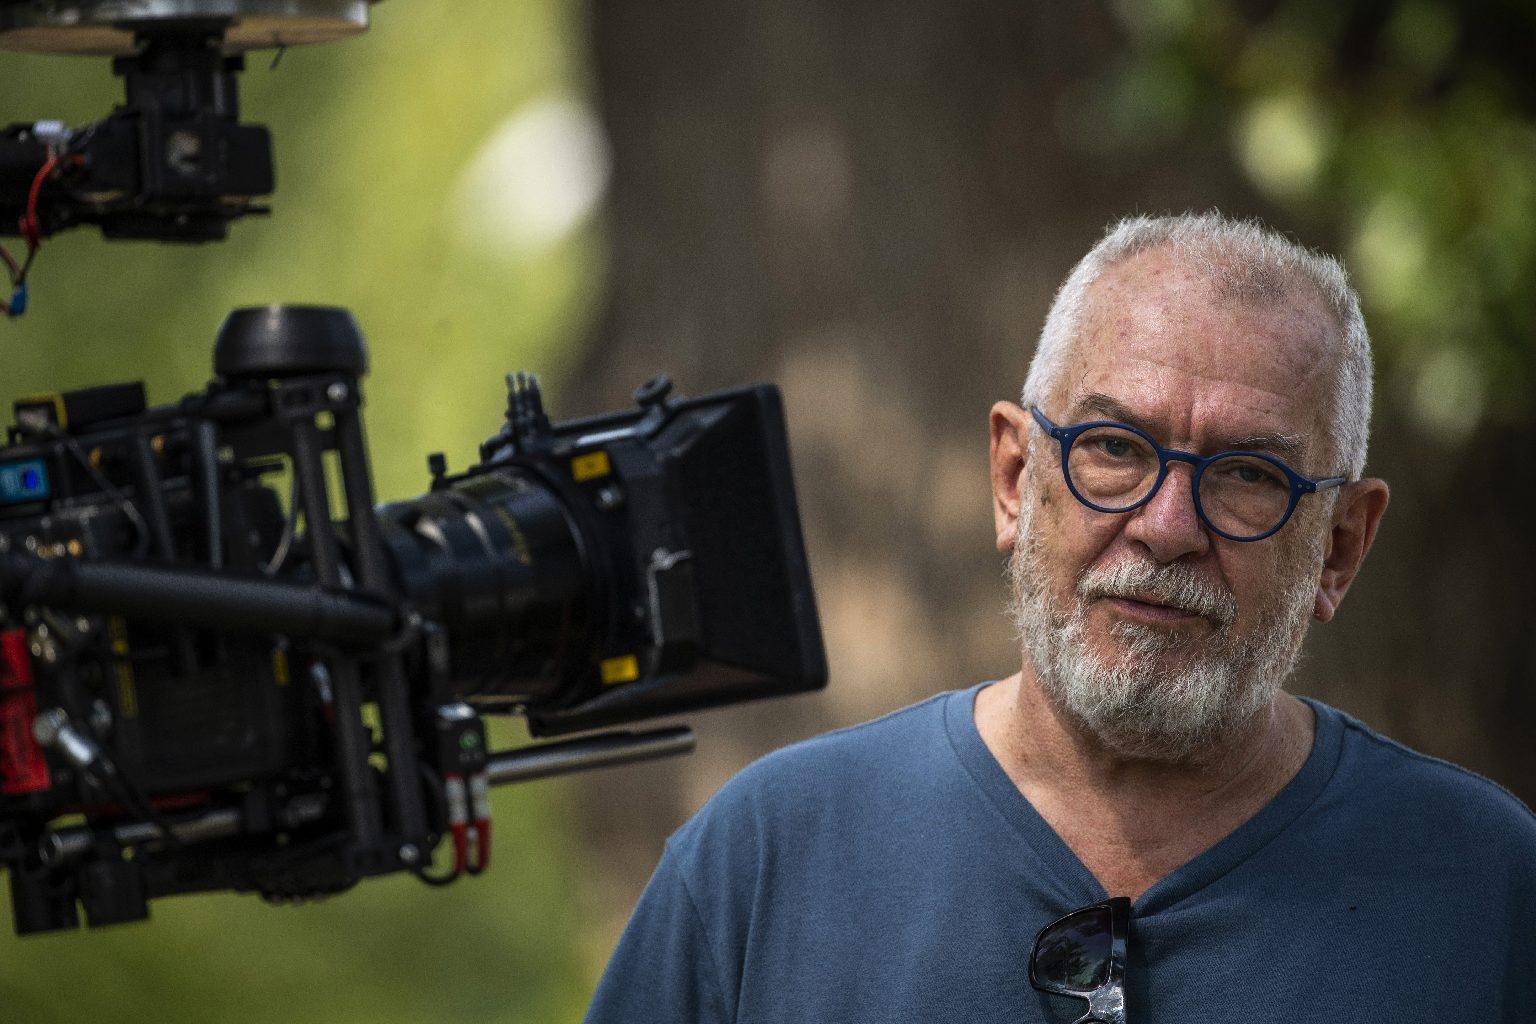 """Katona-Theater: Regisseur entlassen, weil er mit Kollegen """"moralische Grenzen überschreitet"""" post's picture"""